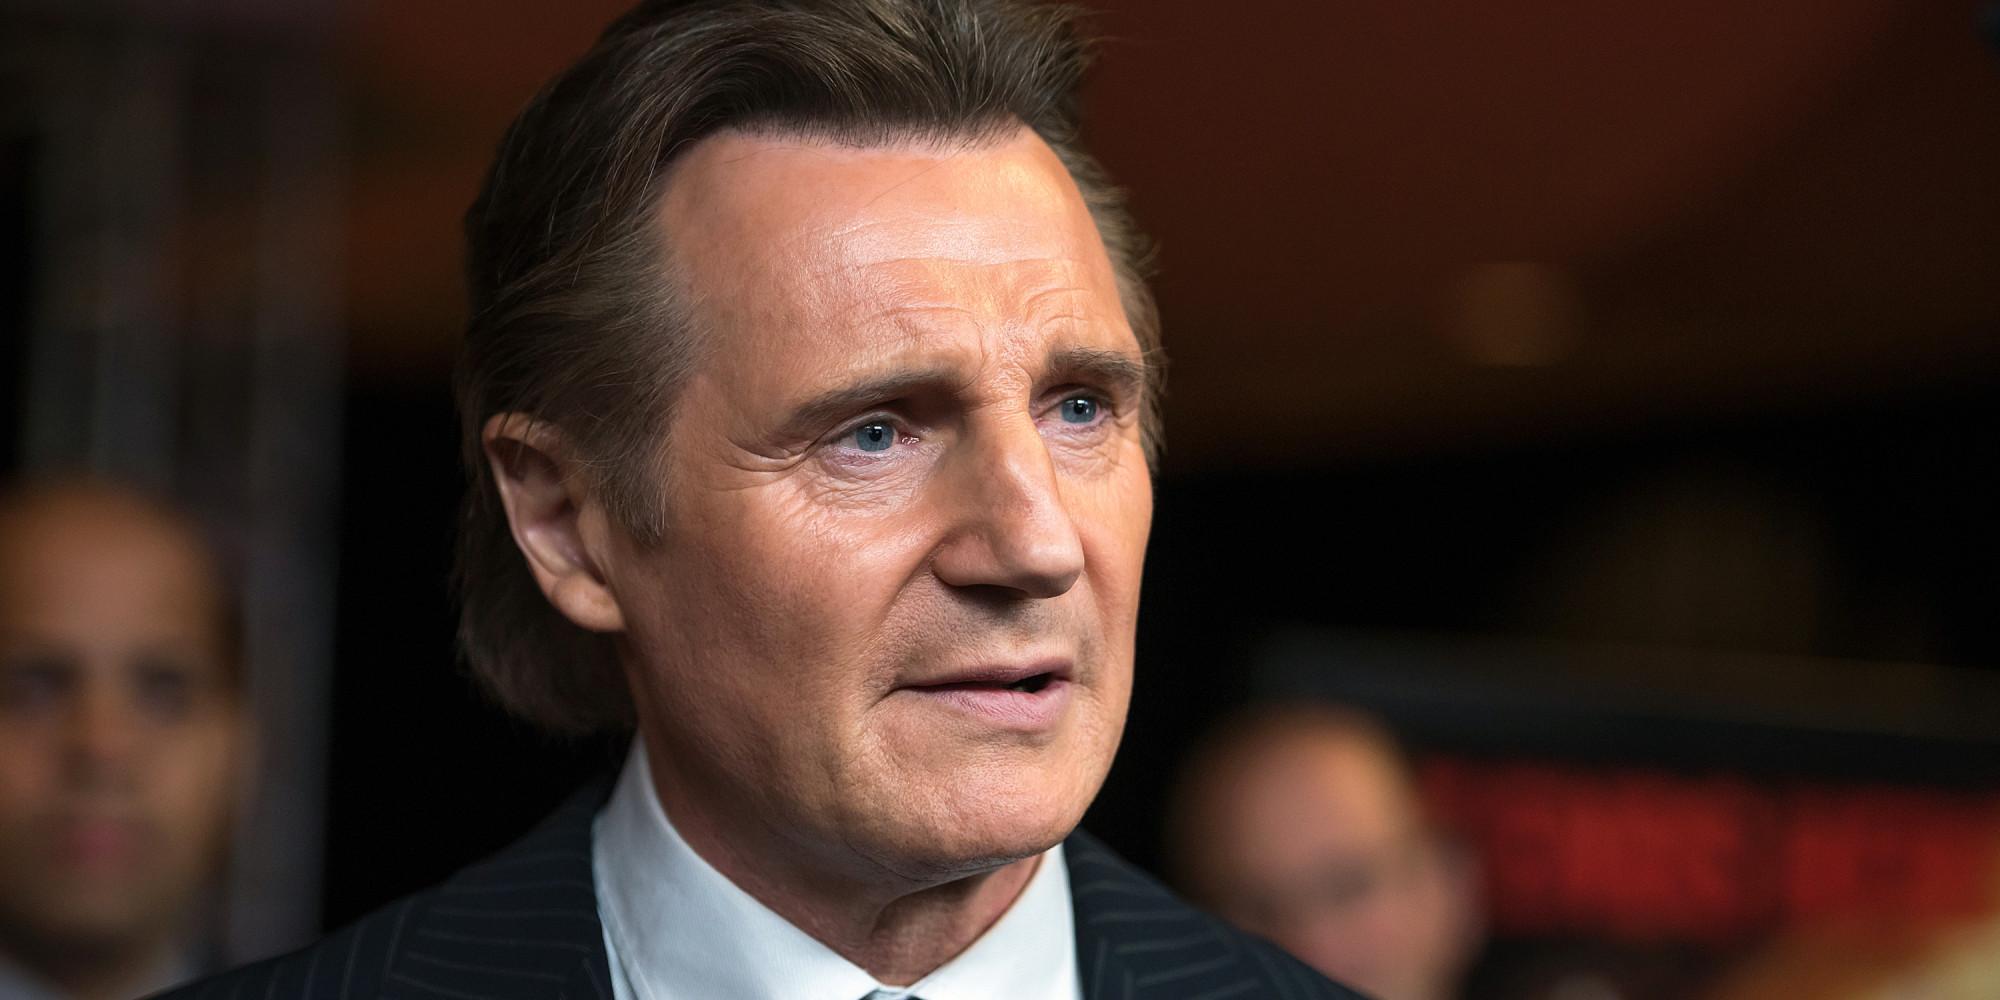 Liam Neeson Says Ameri...